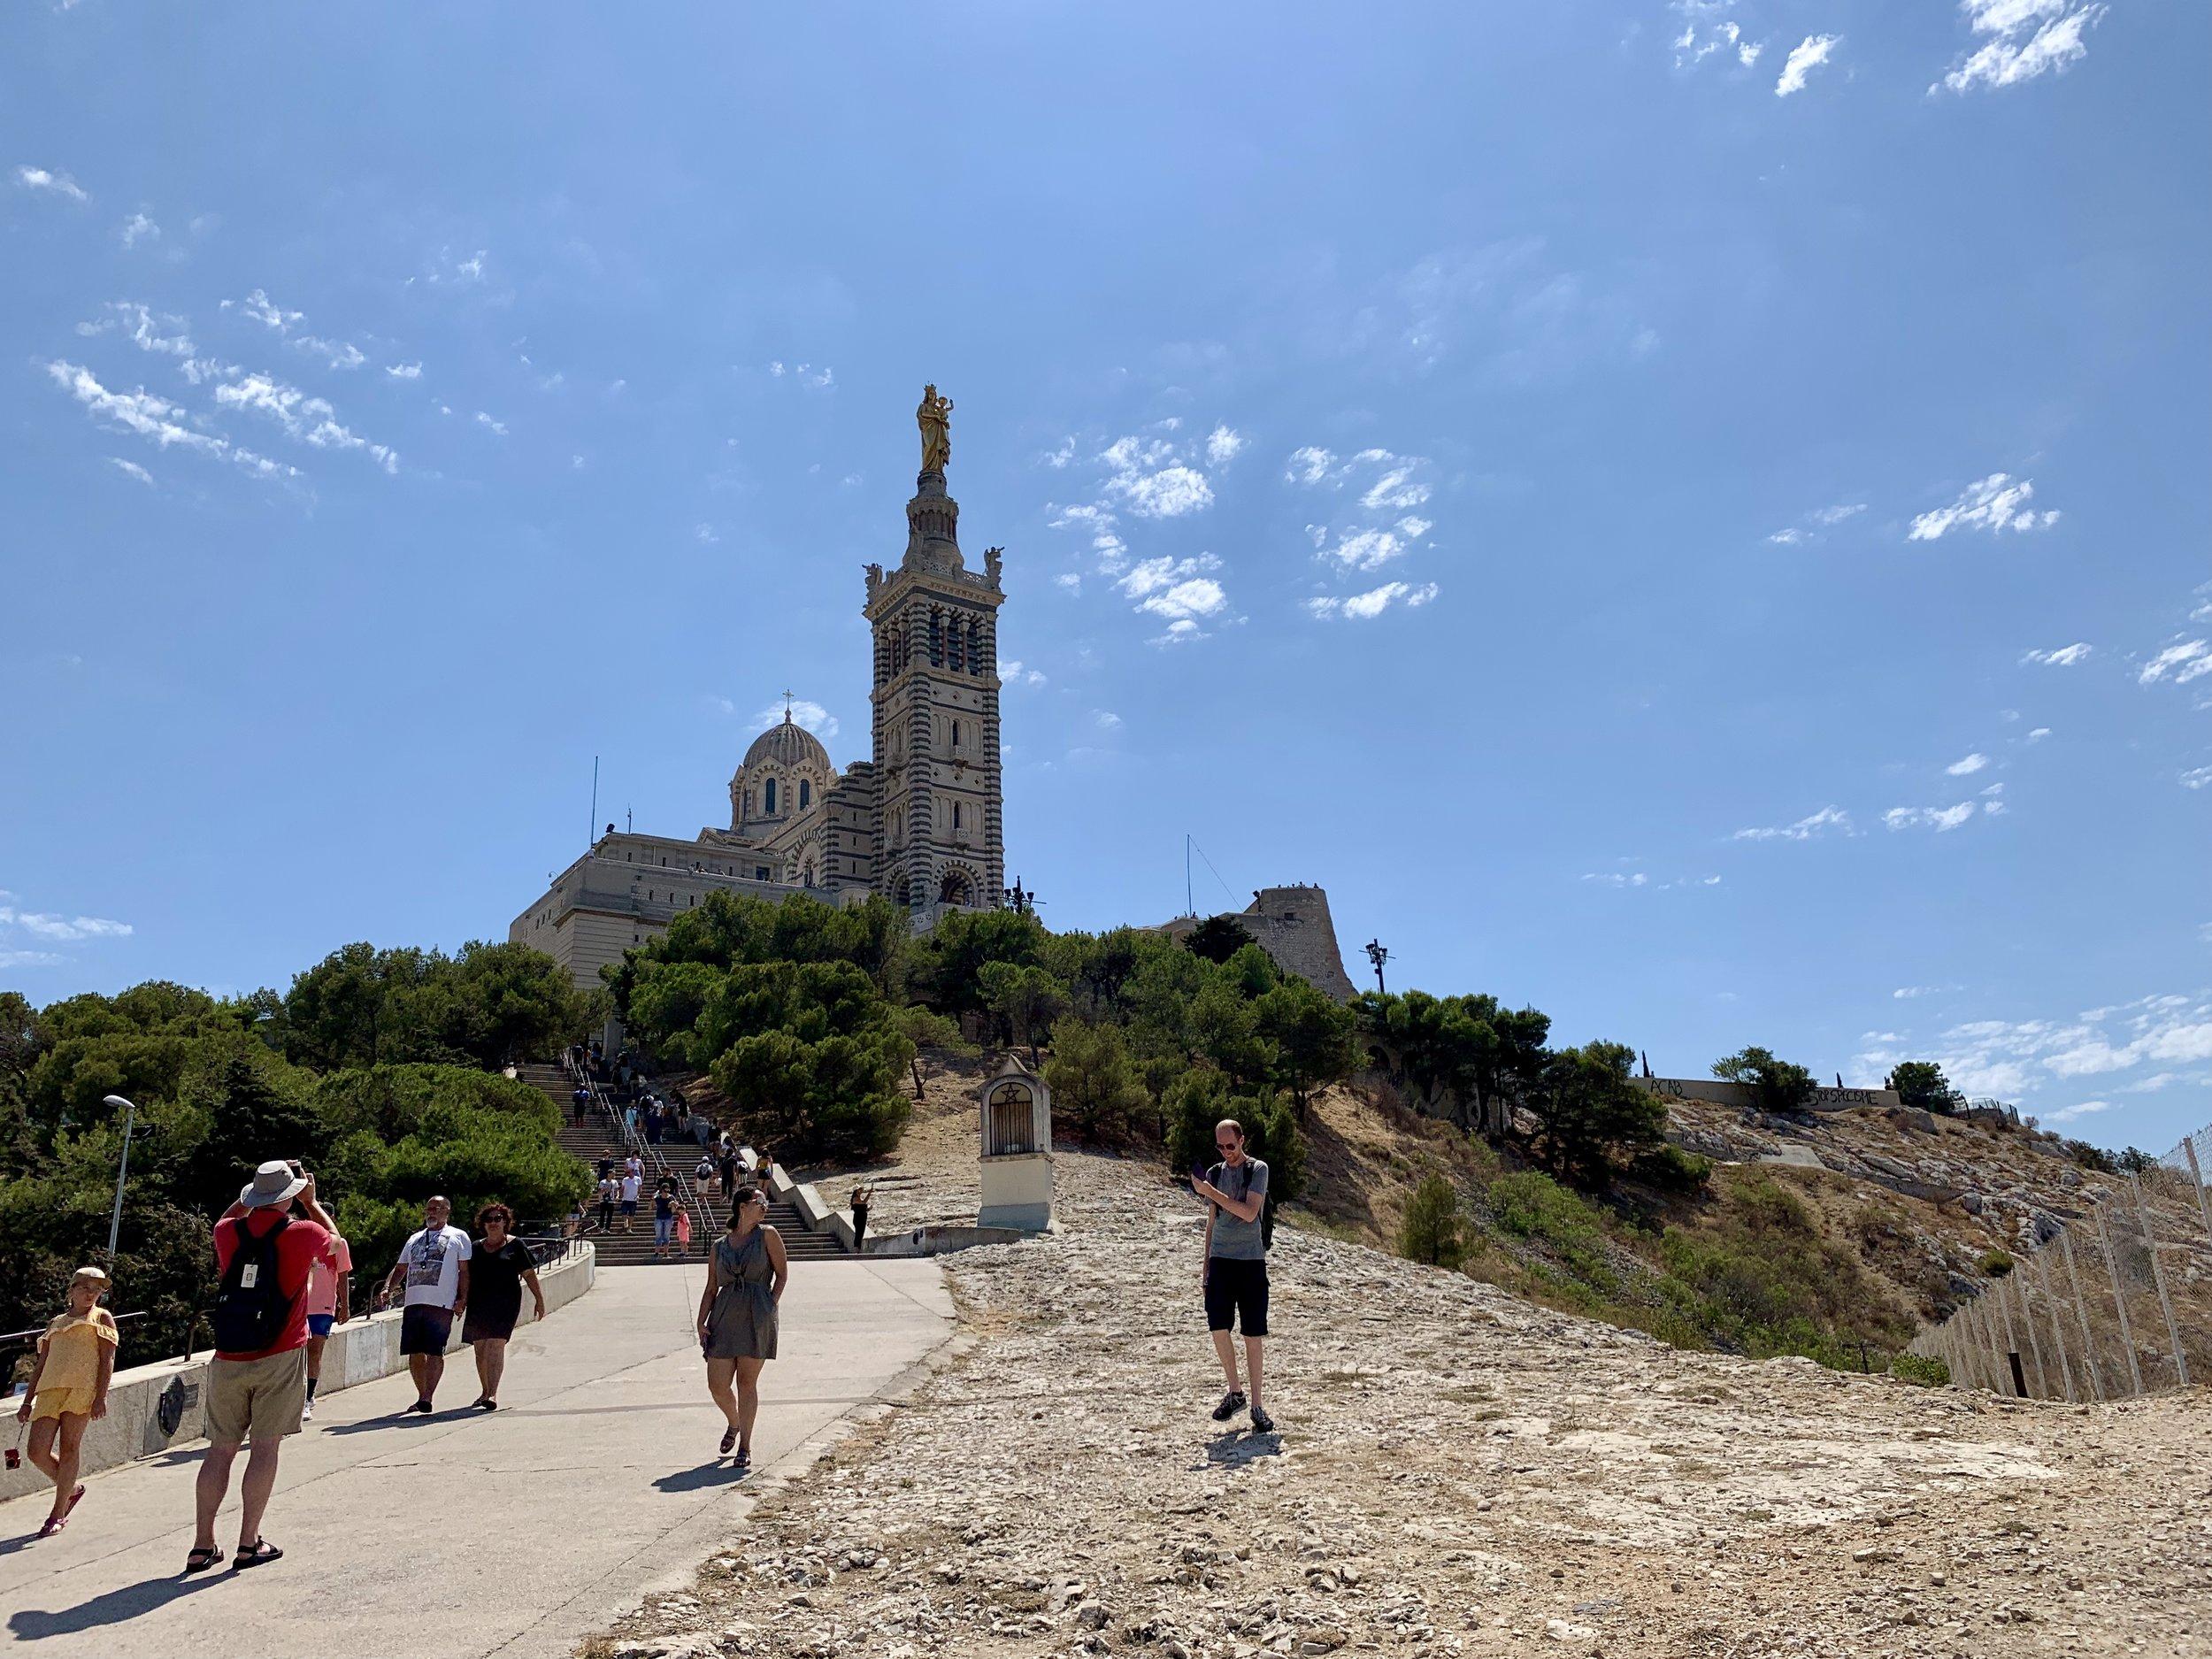 Basilica-Notre-Dame-de-la-Garde-Marseille.jpg